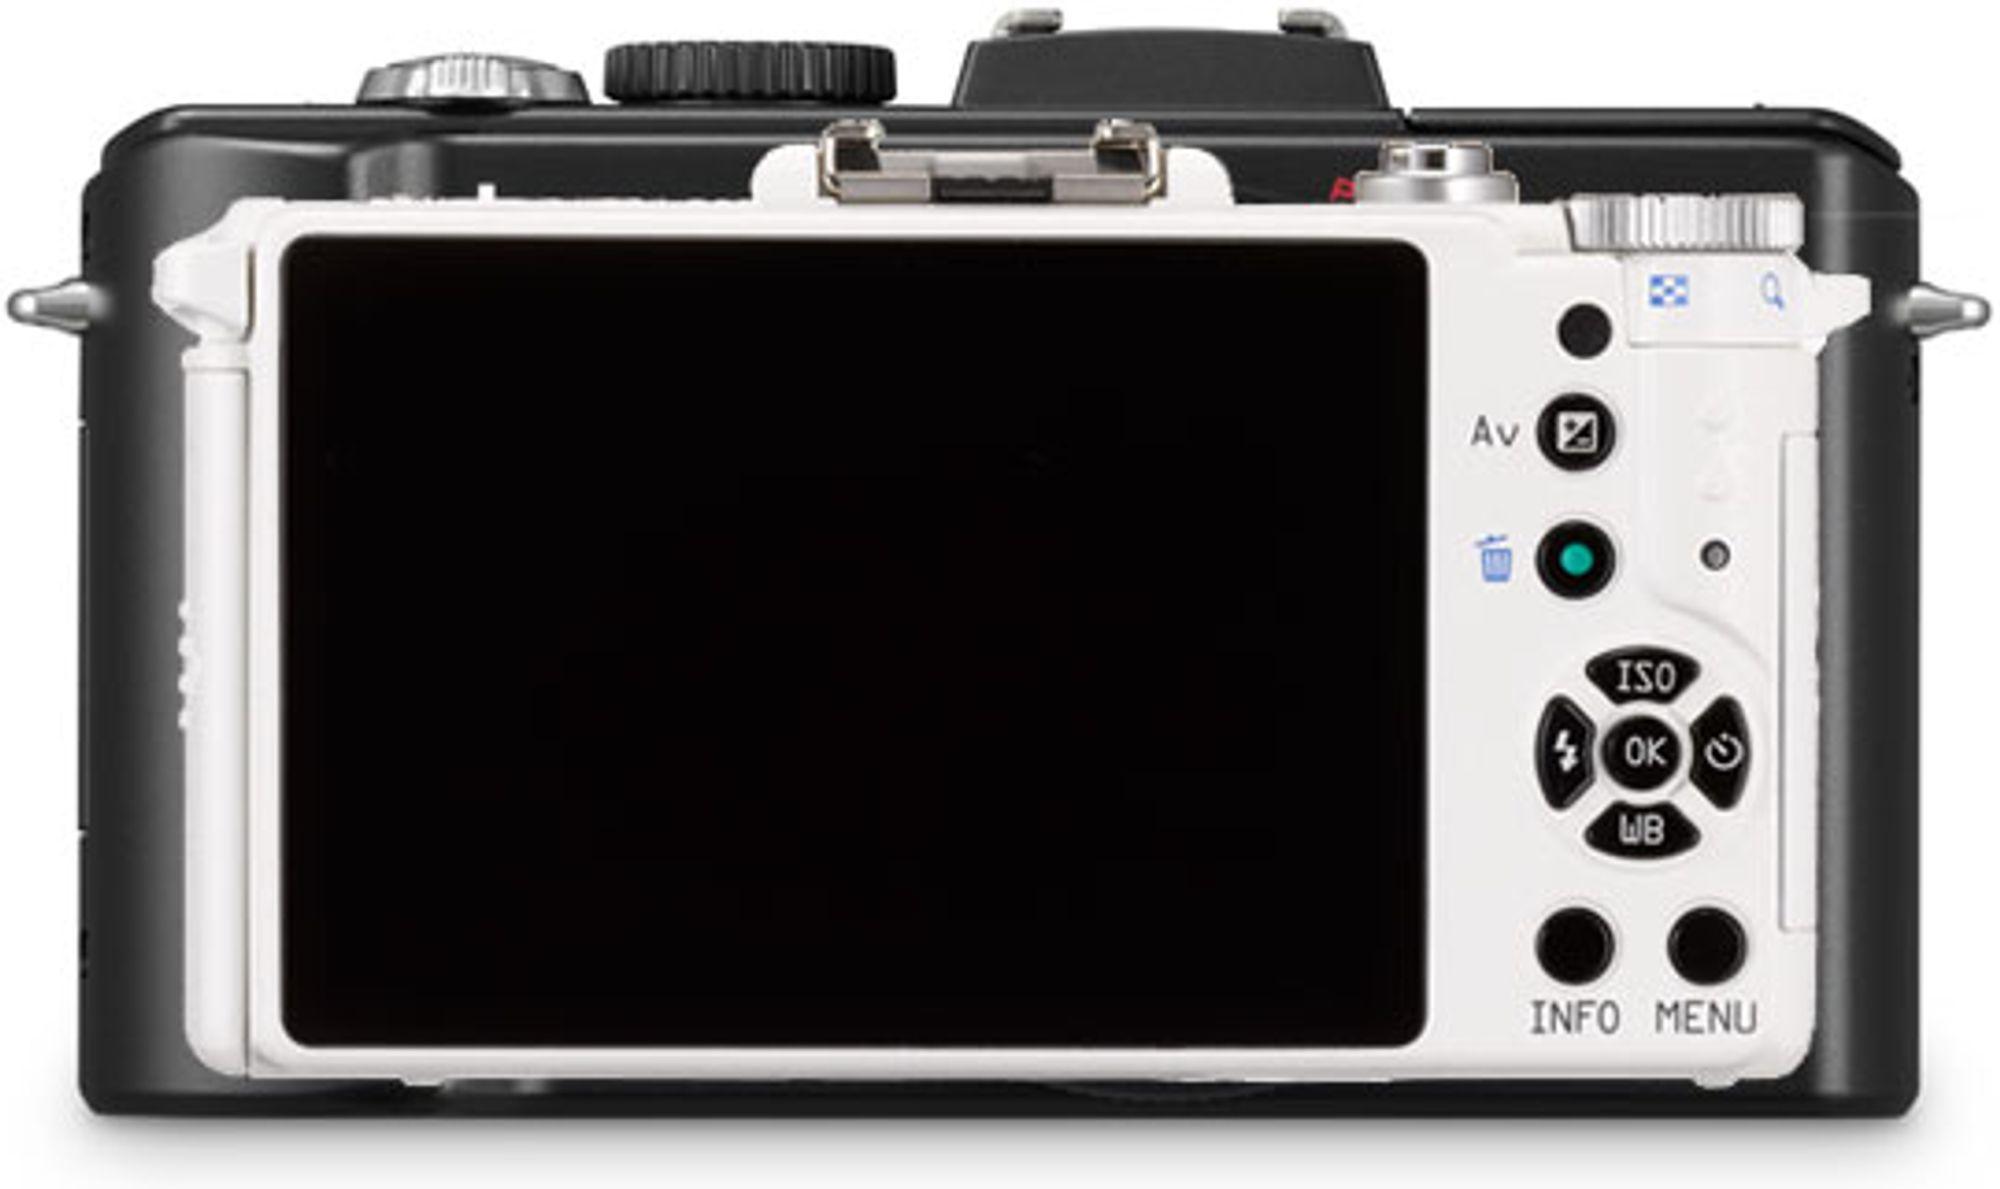 Her er Pentax Q foran og Panasonic LX5 bak.Det gir et inntrykk av størrelsen.